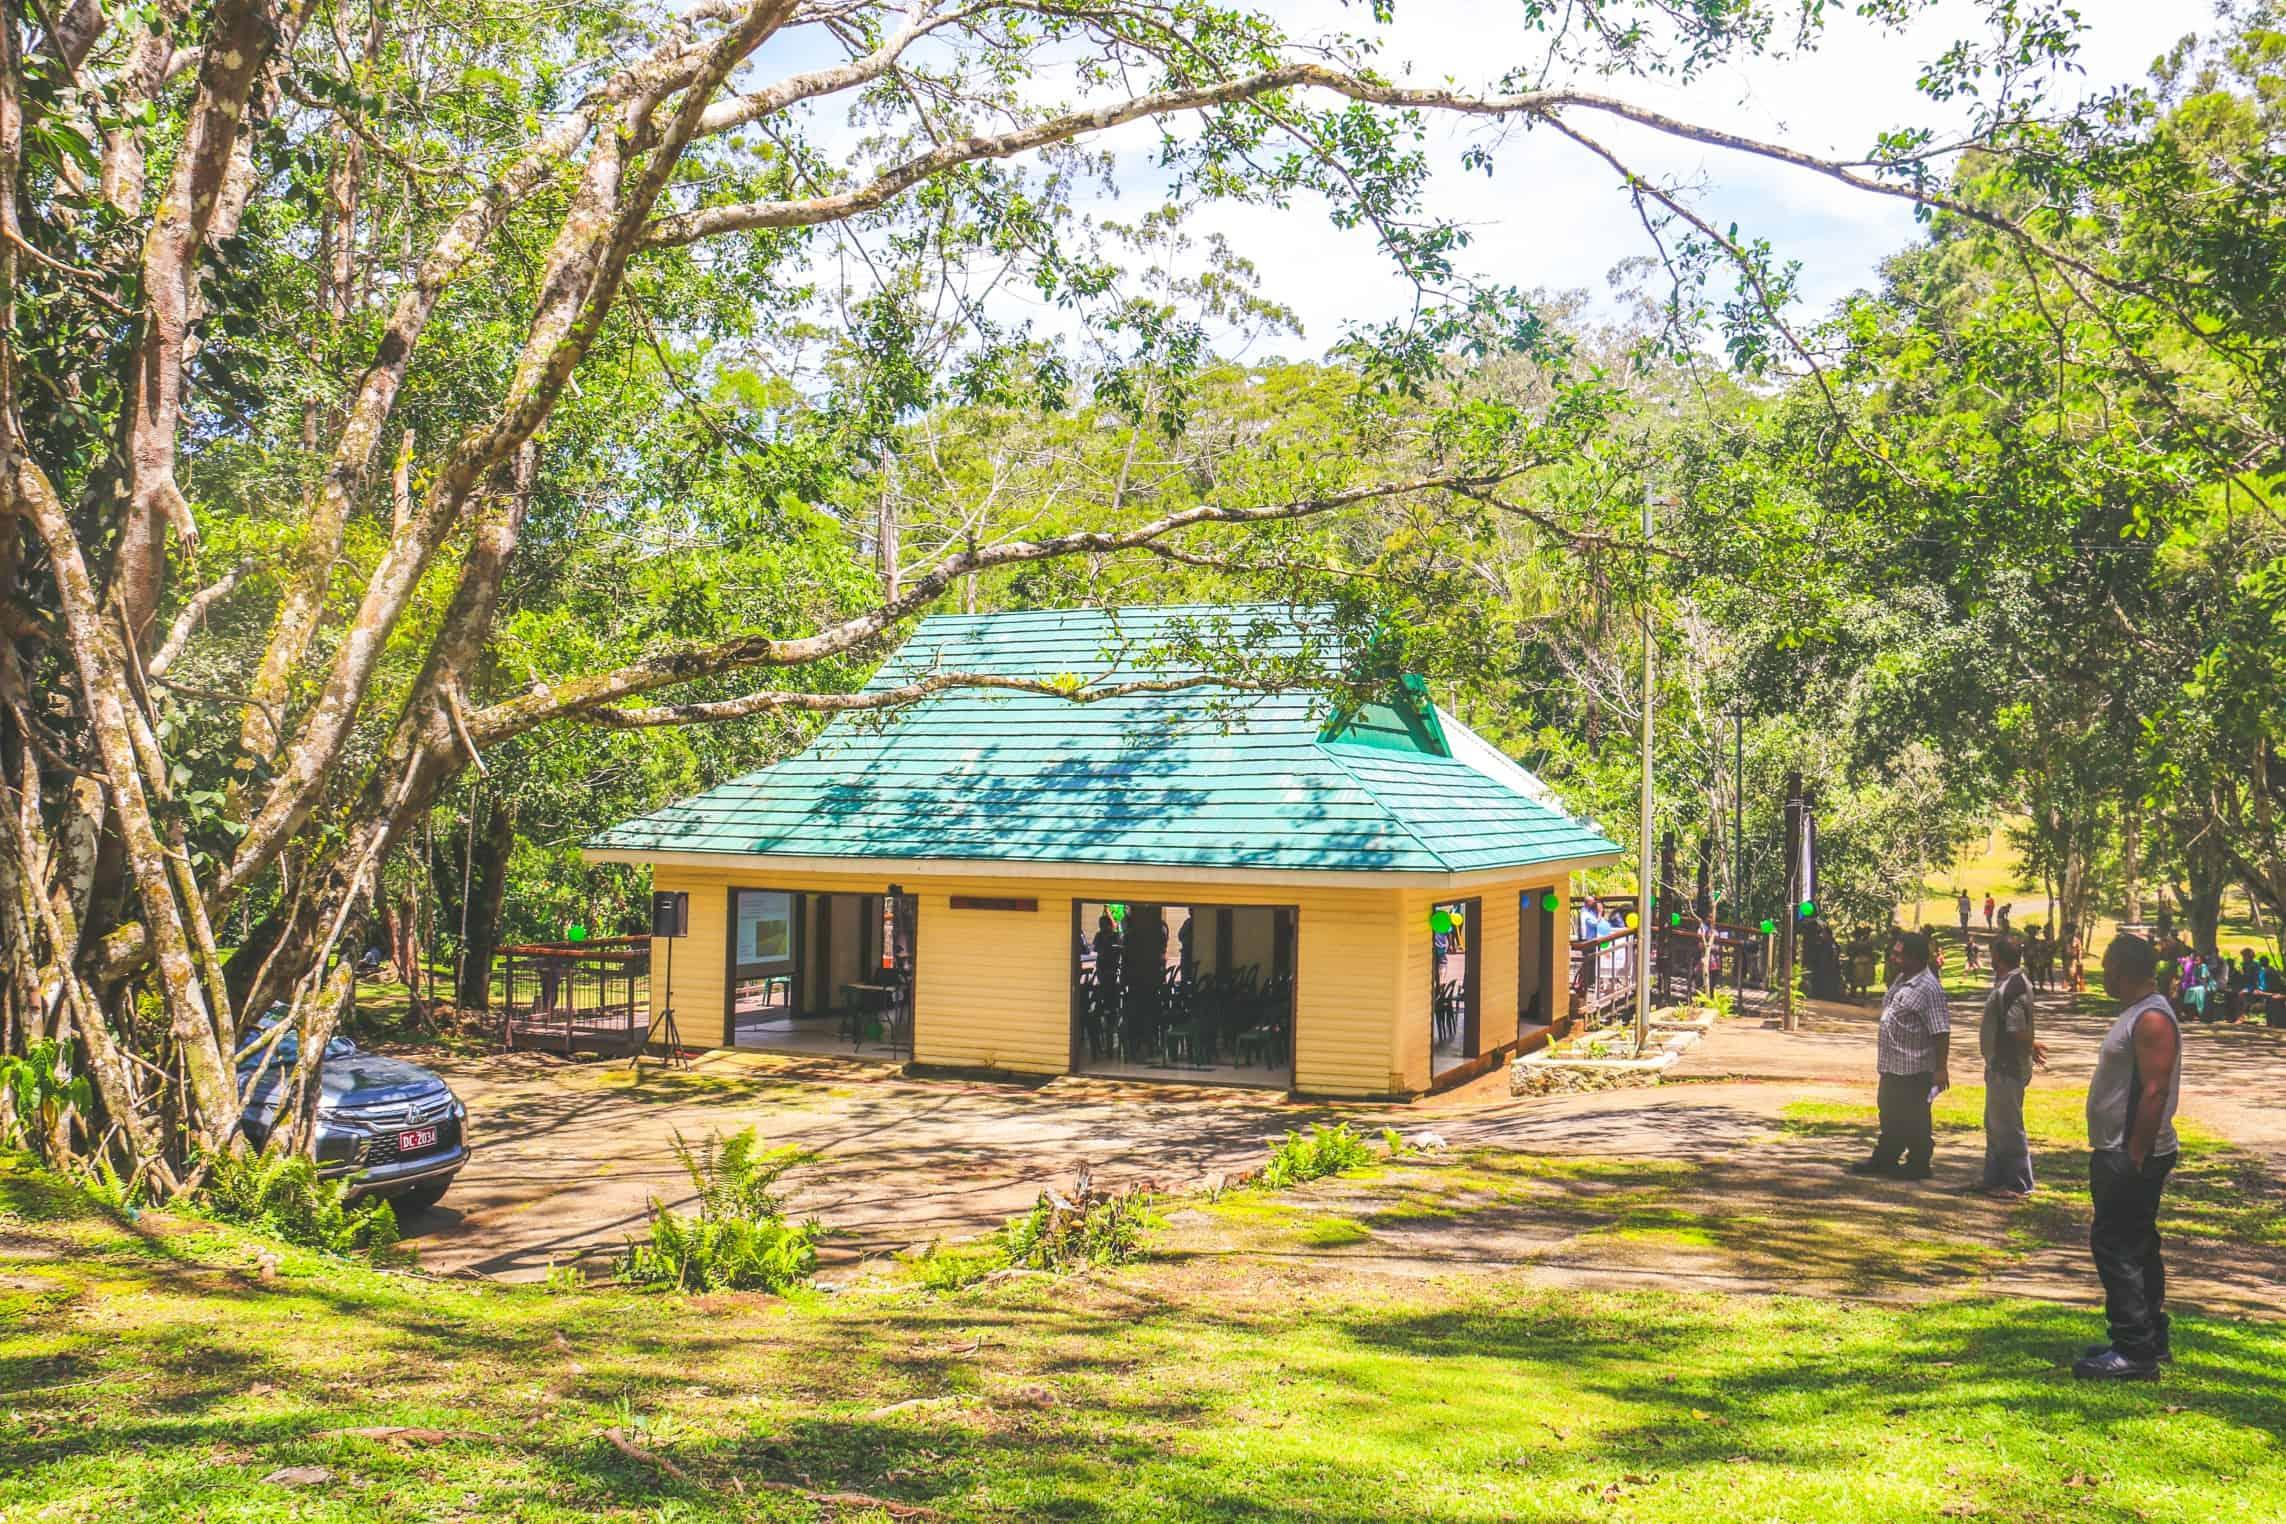 Varirata National Park Information Building